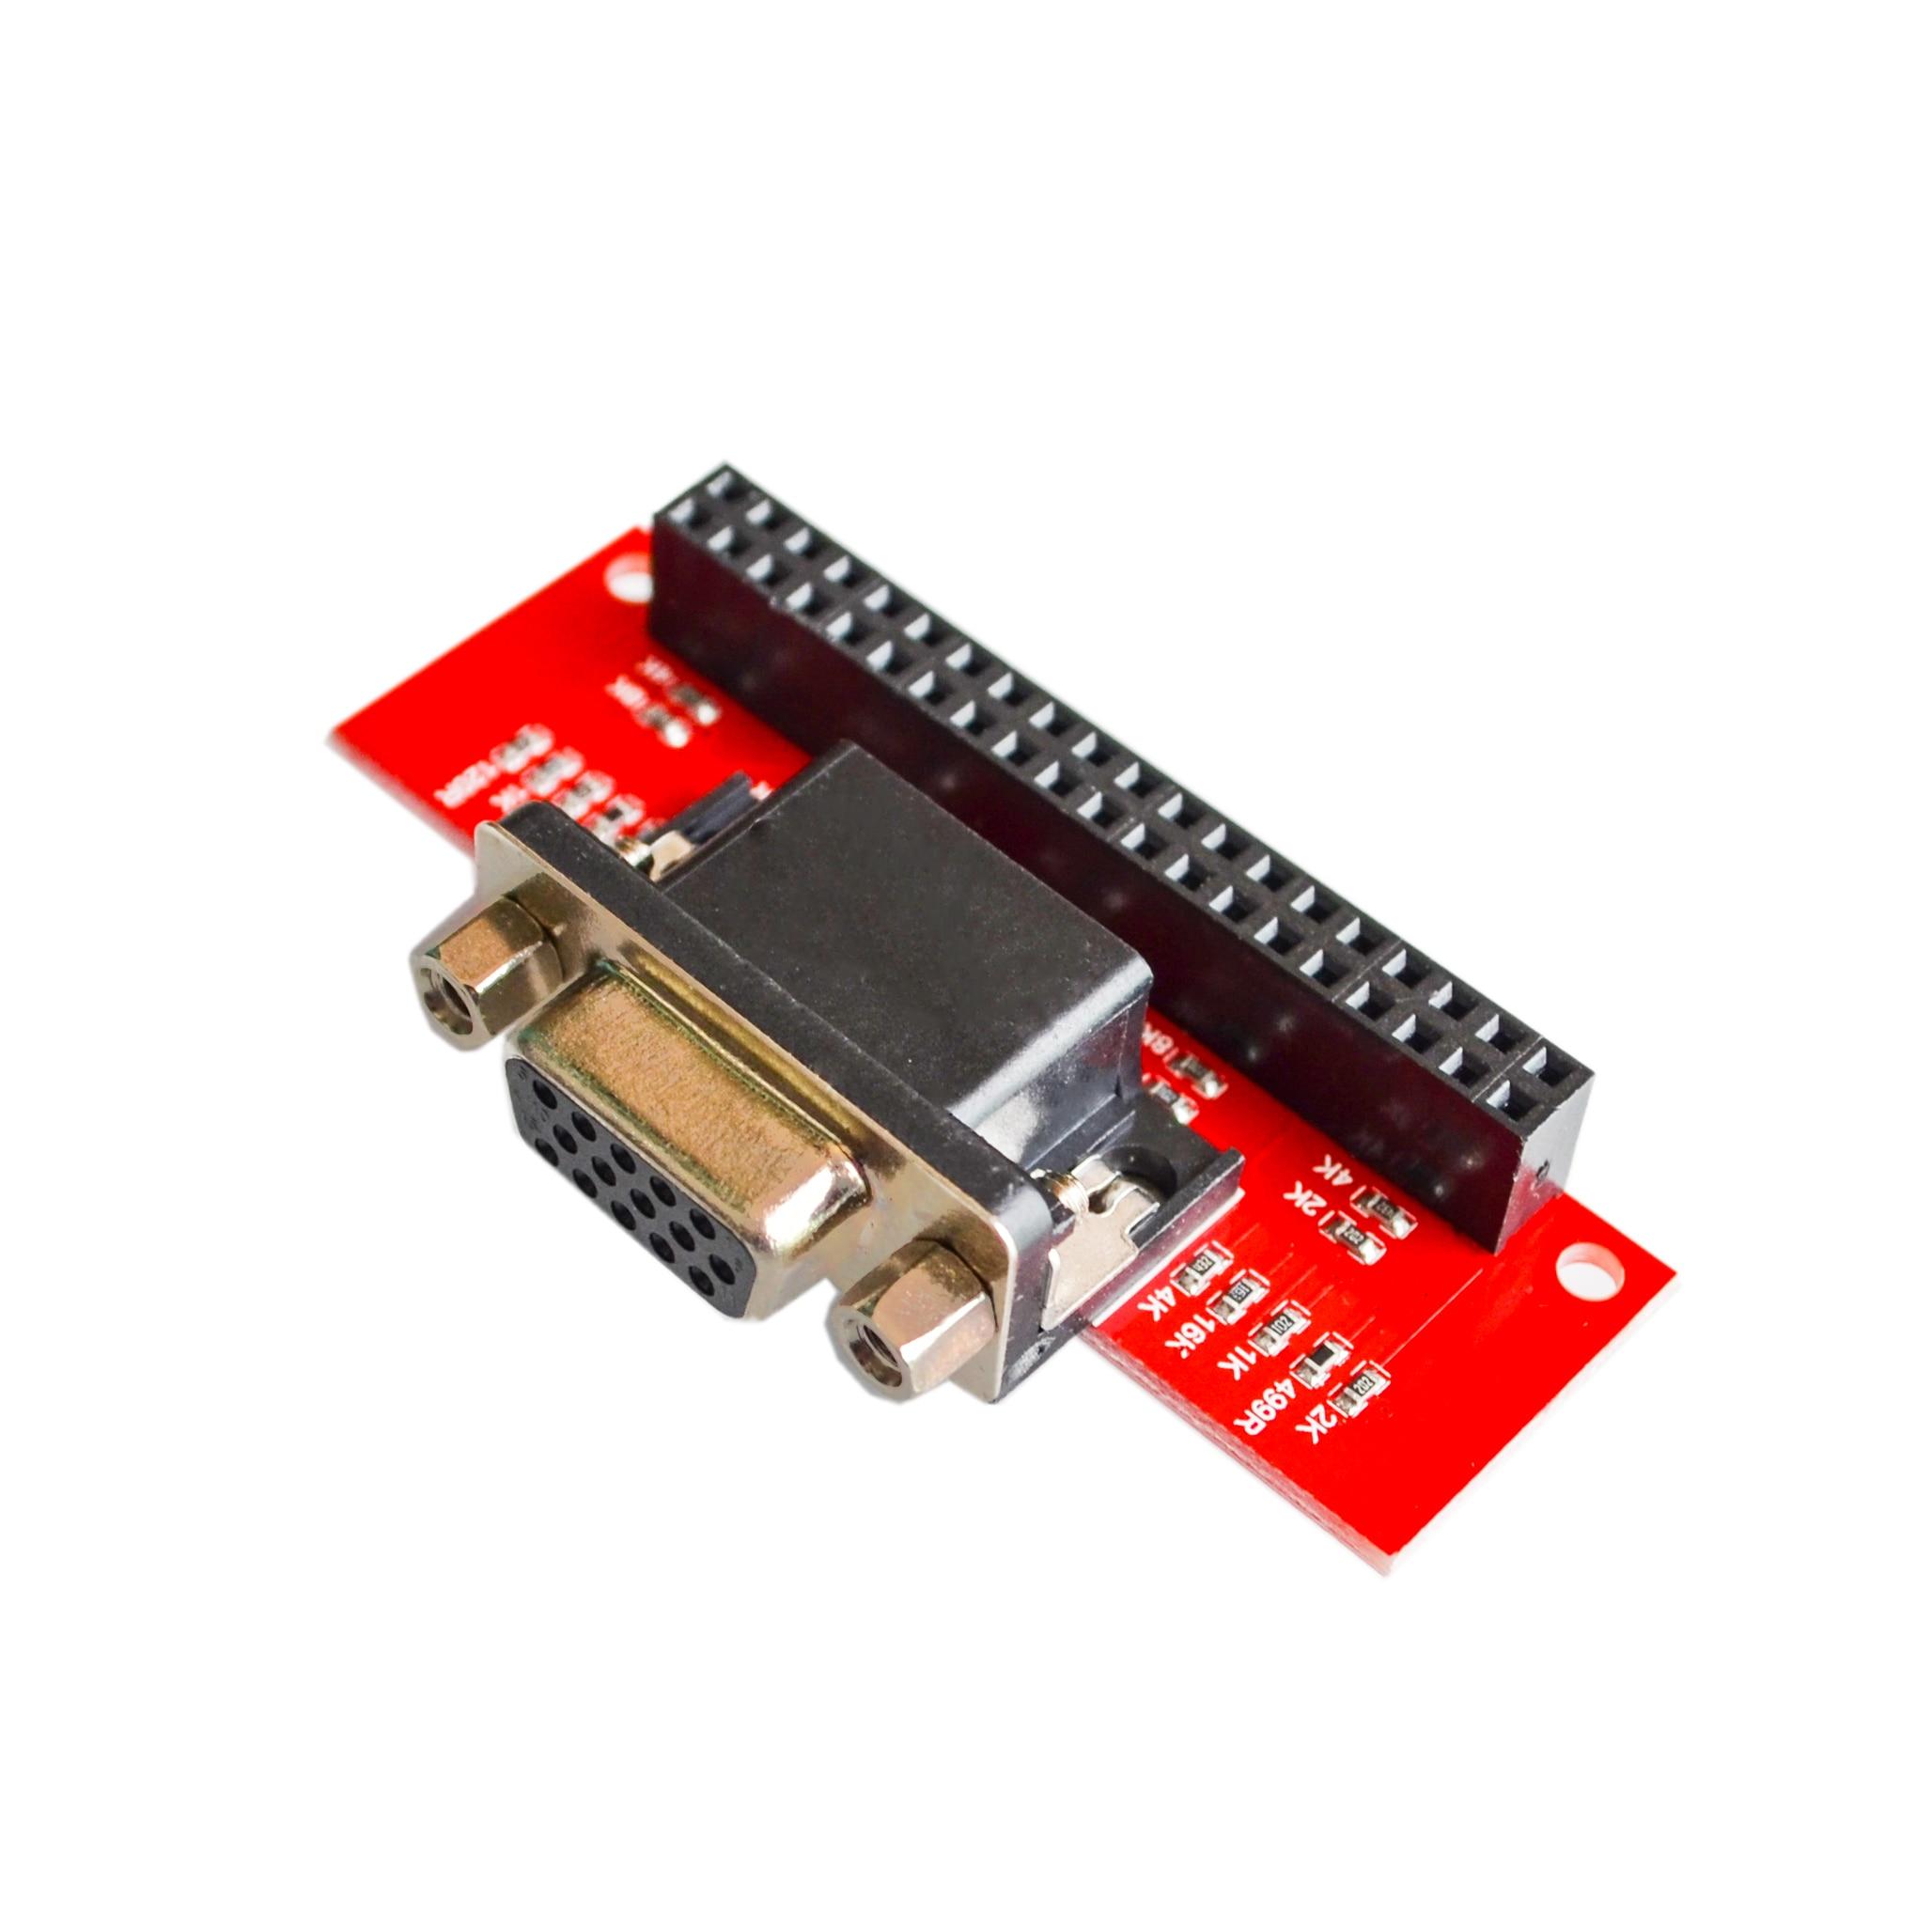 Placa adaptadora vga 666, para raspberry pi 3b 2b b + a +